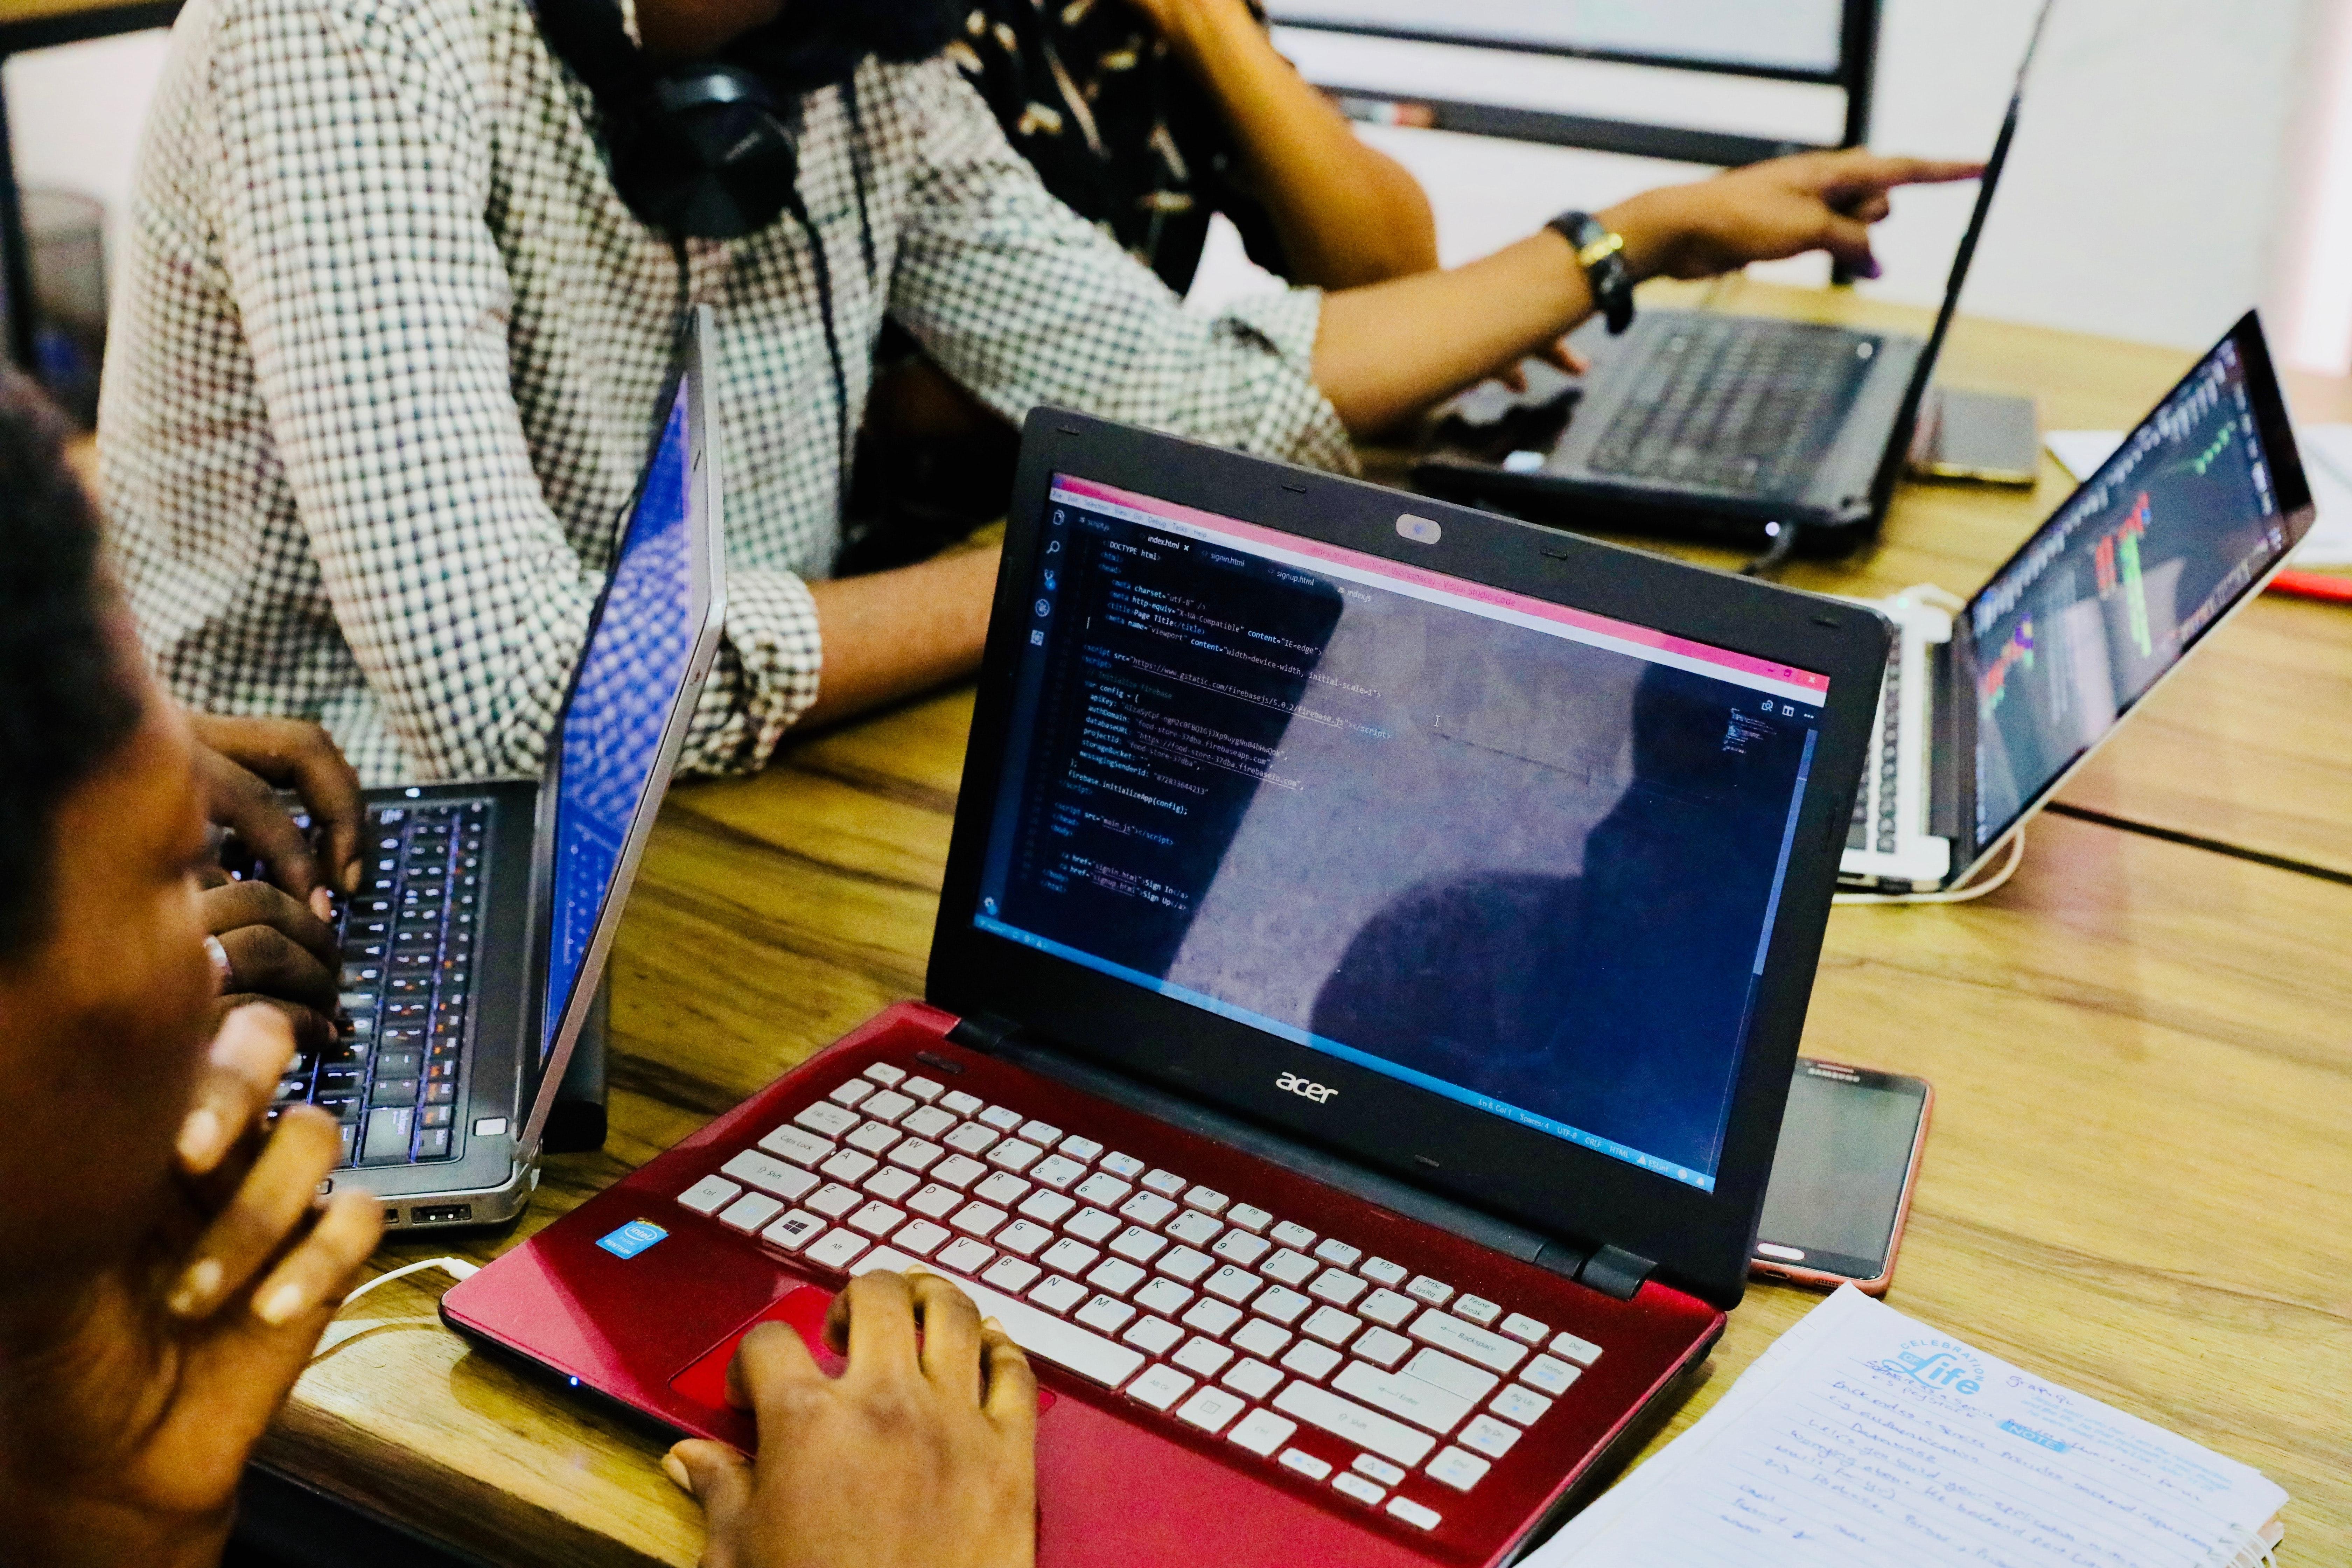 Comment choisir son école d'ingénieur informatique